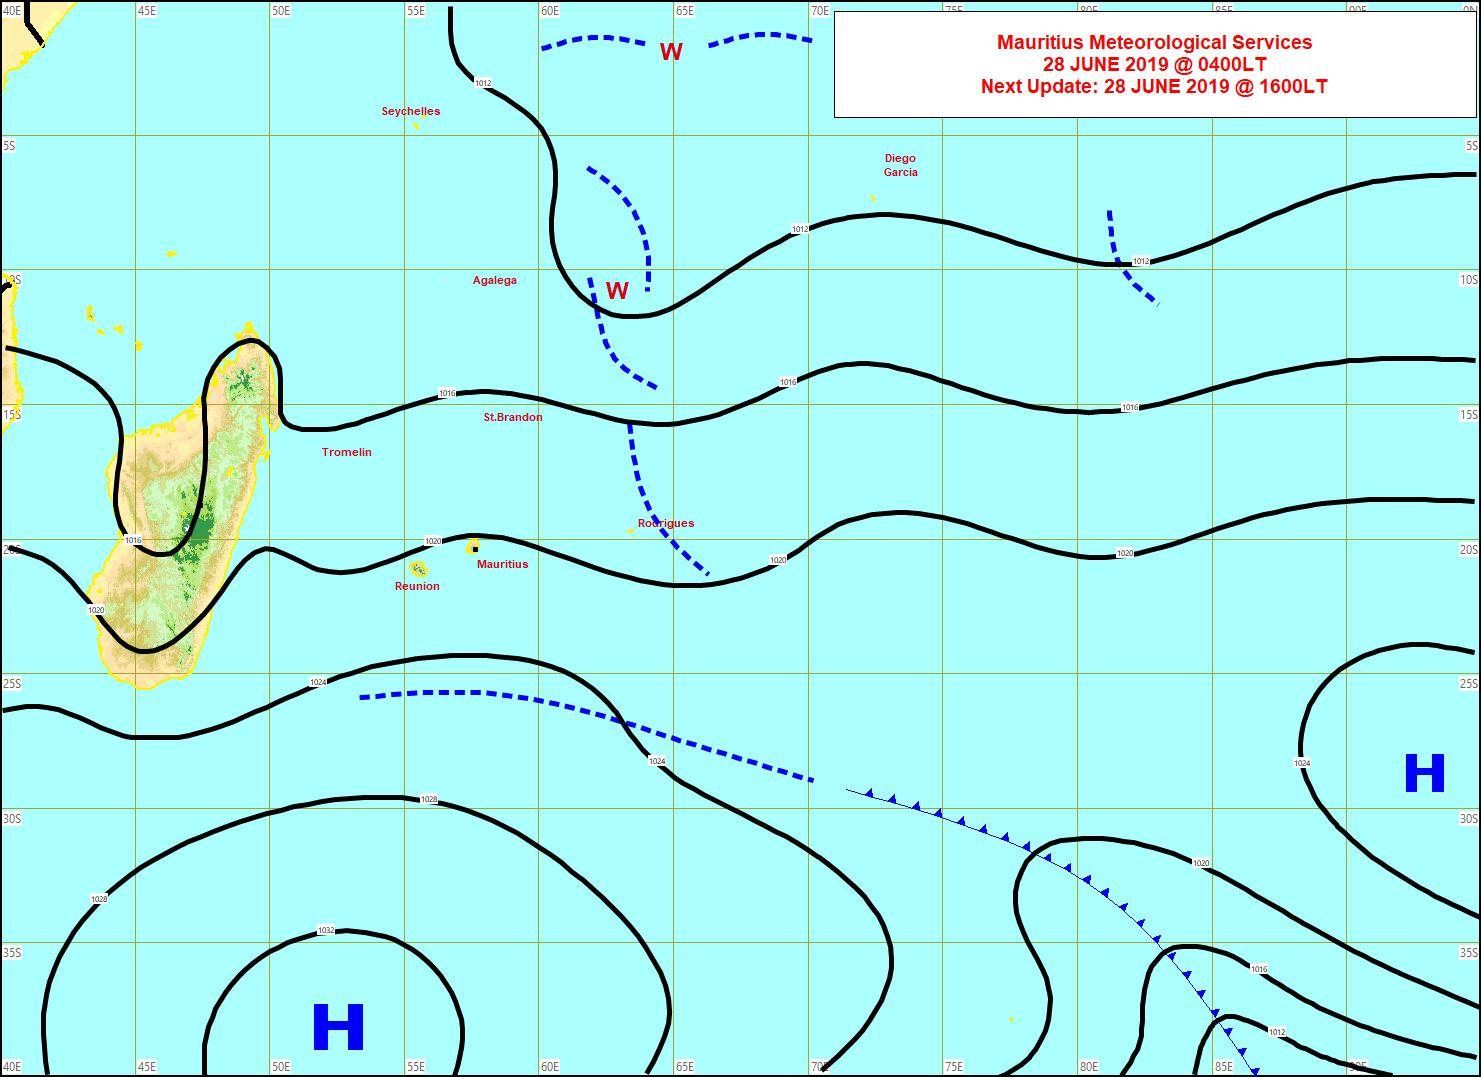 Analyse de la situation de surface. L'anticyclone(1037hpa) au sud de nos îles a renforcé le vent. MMS